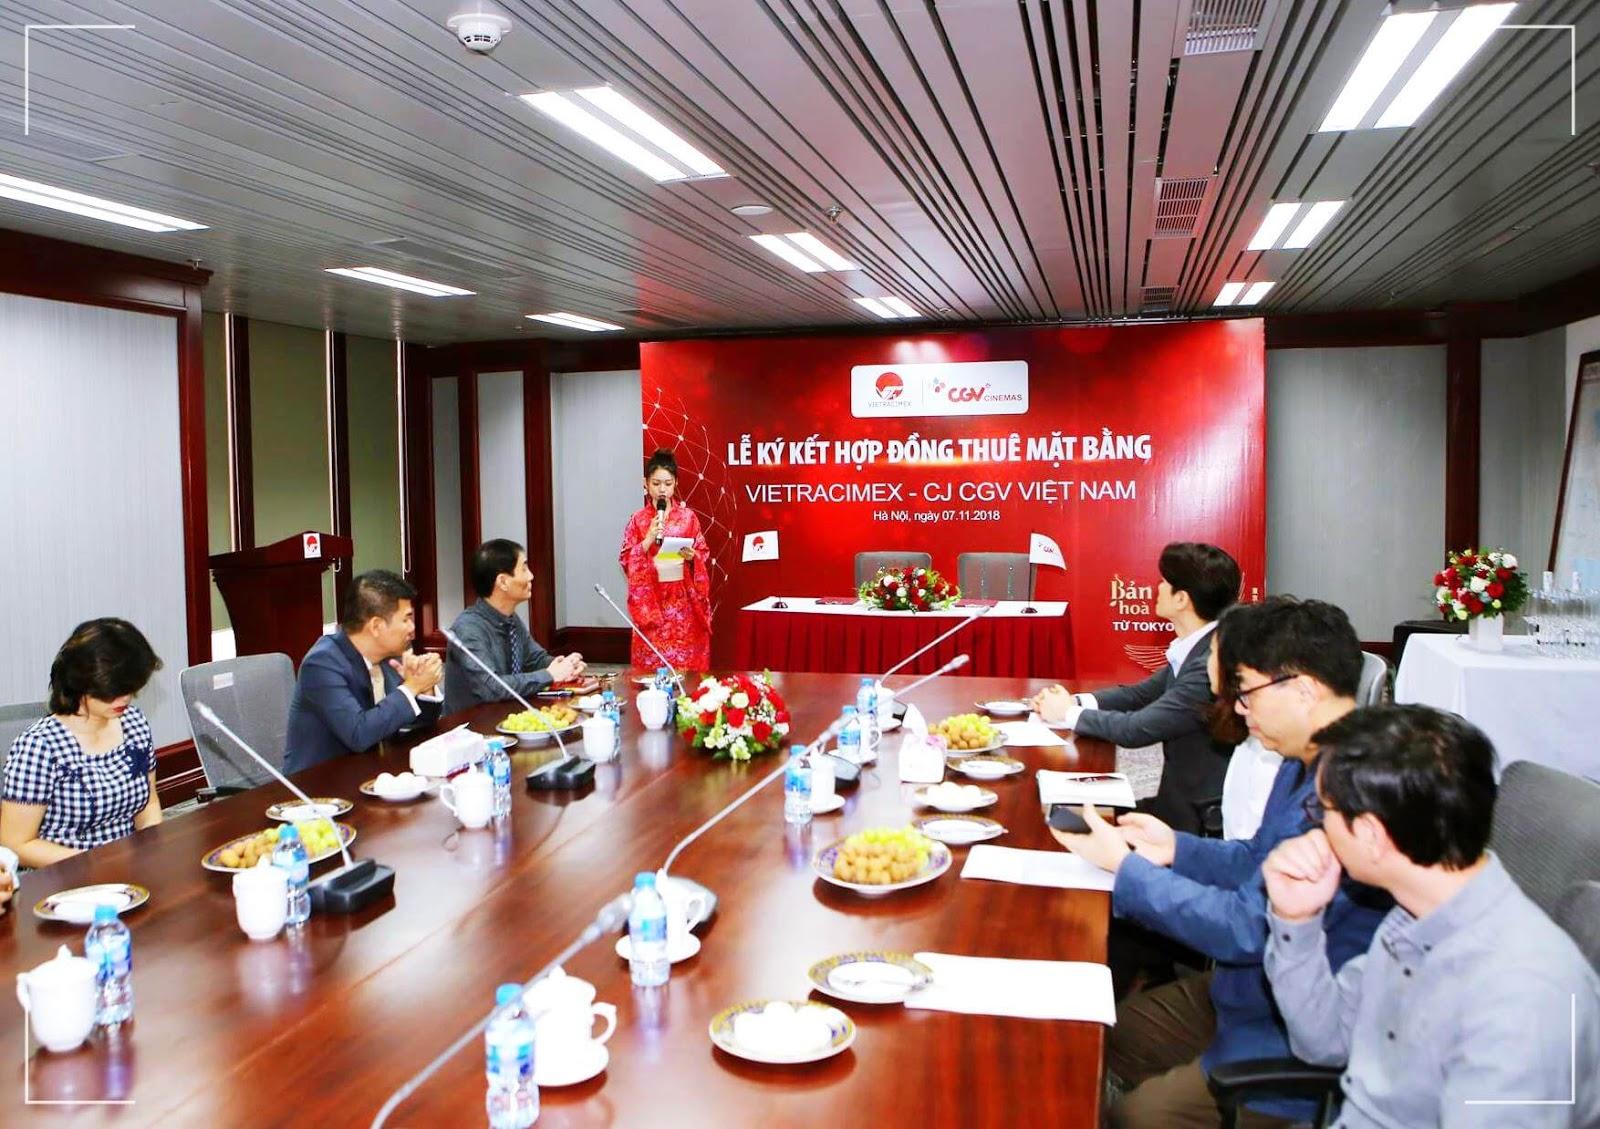 Phát biểu tại buổi lễ ký kết hợp đồng dự án 201 Minh Khai